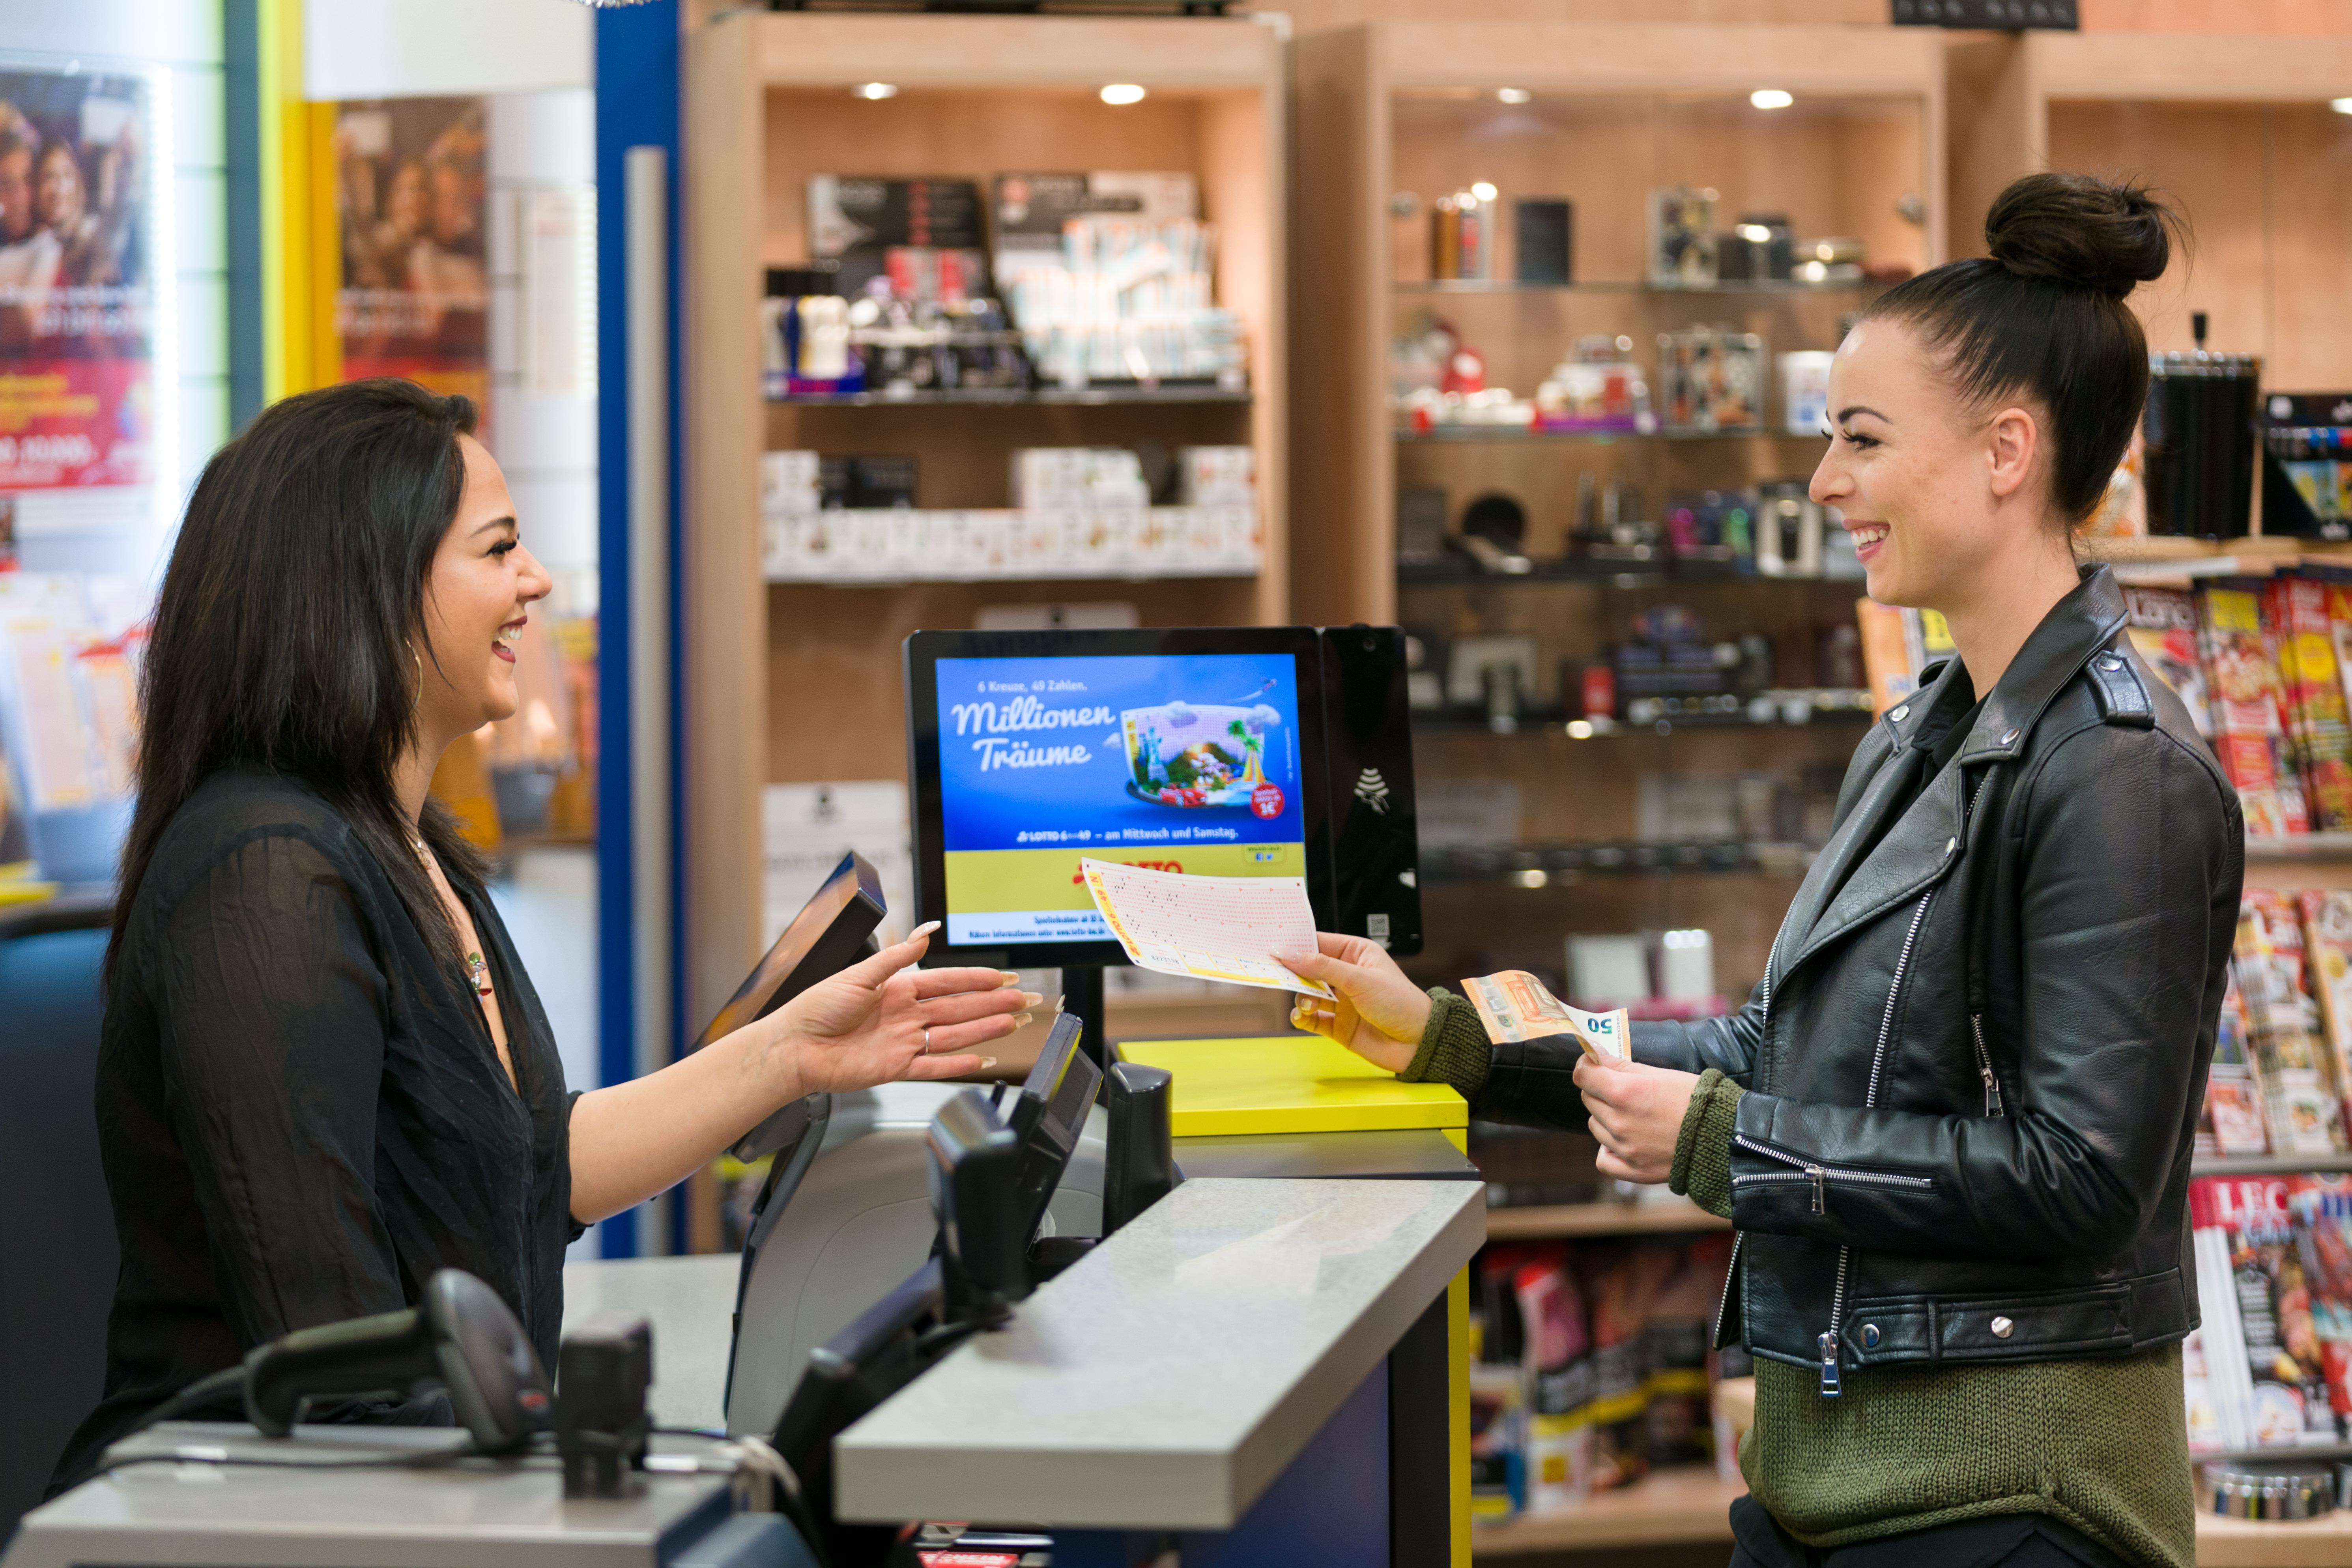 Rückgrat und Aushängeschild des Unternehmens sind die rund 3.200 lizenzierten Lotto-Annahmestellen in Baden-Württemberg. Die Annahmestellen finden sich in zahlreichen Zeitschriften-, Schreibwaren- und Tabakhandlungen, in Einkaufszentren, Supermärkten und Tankstellen.